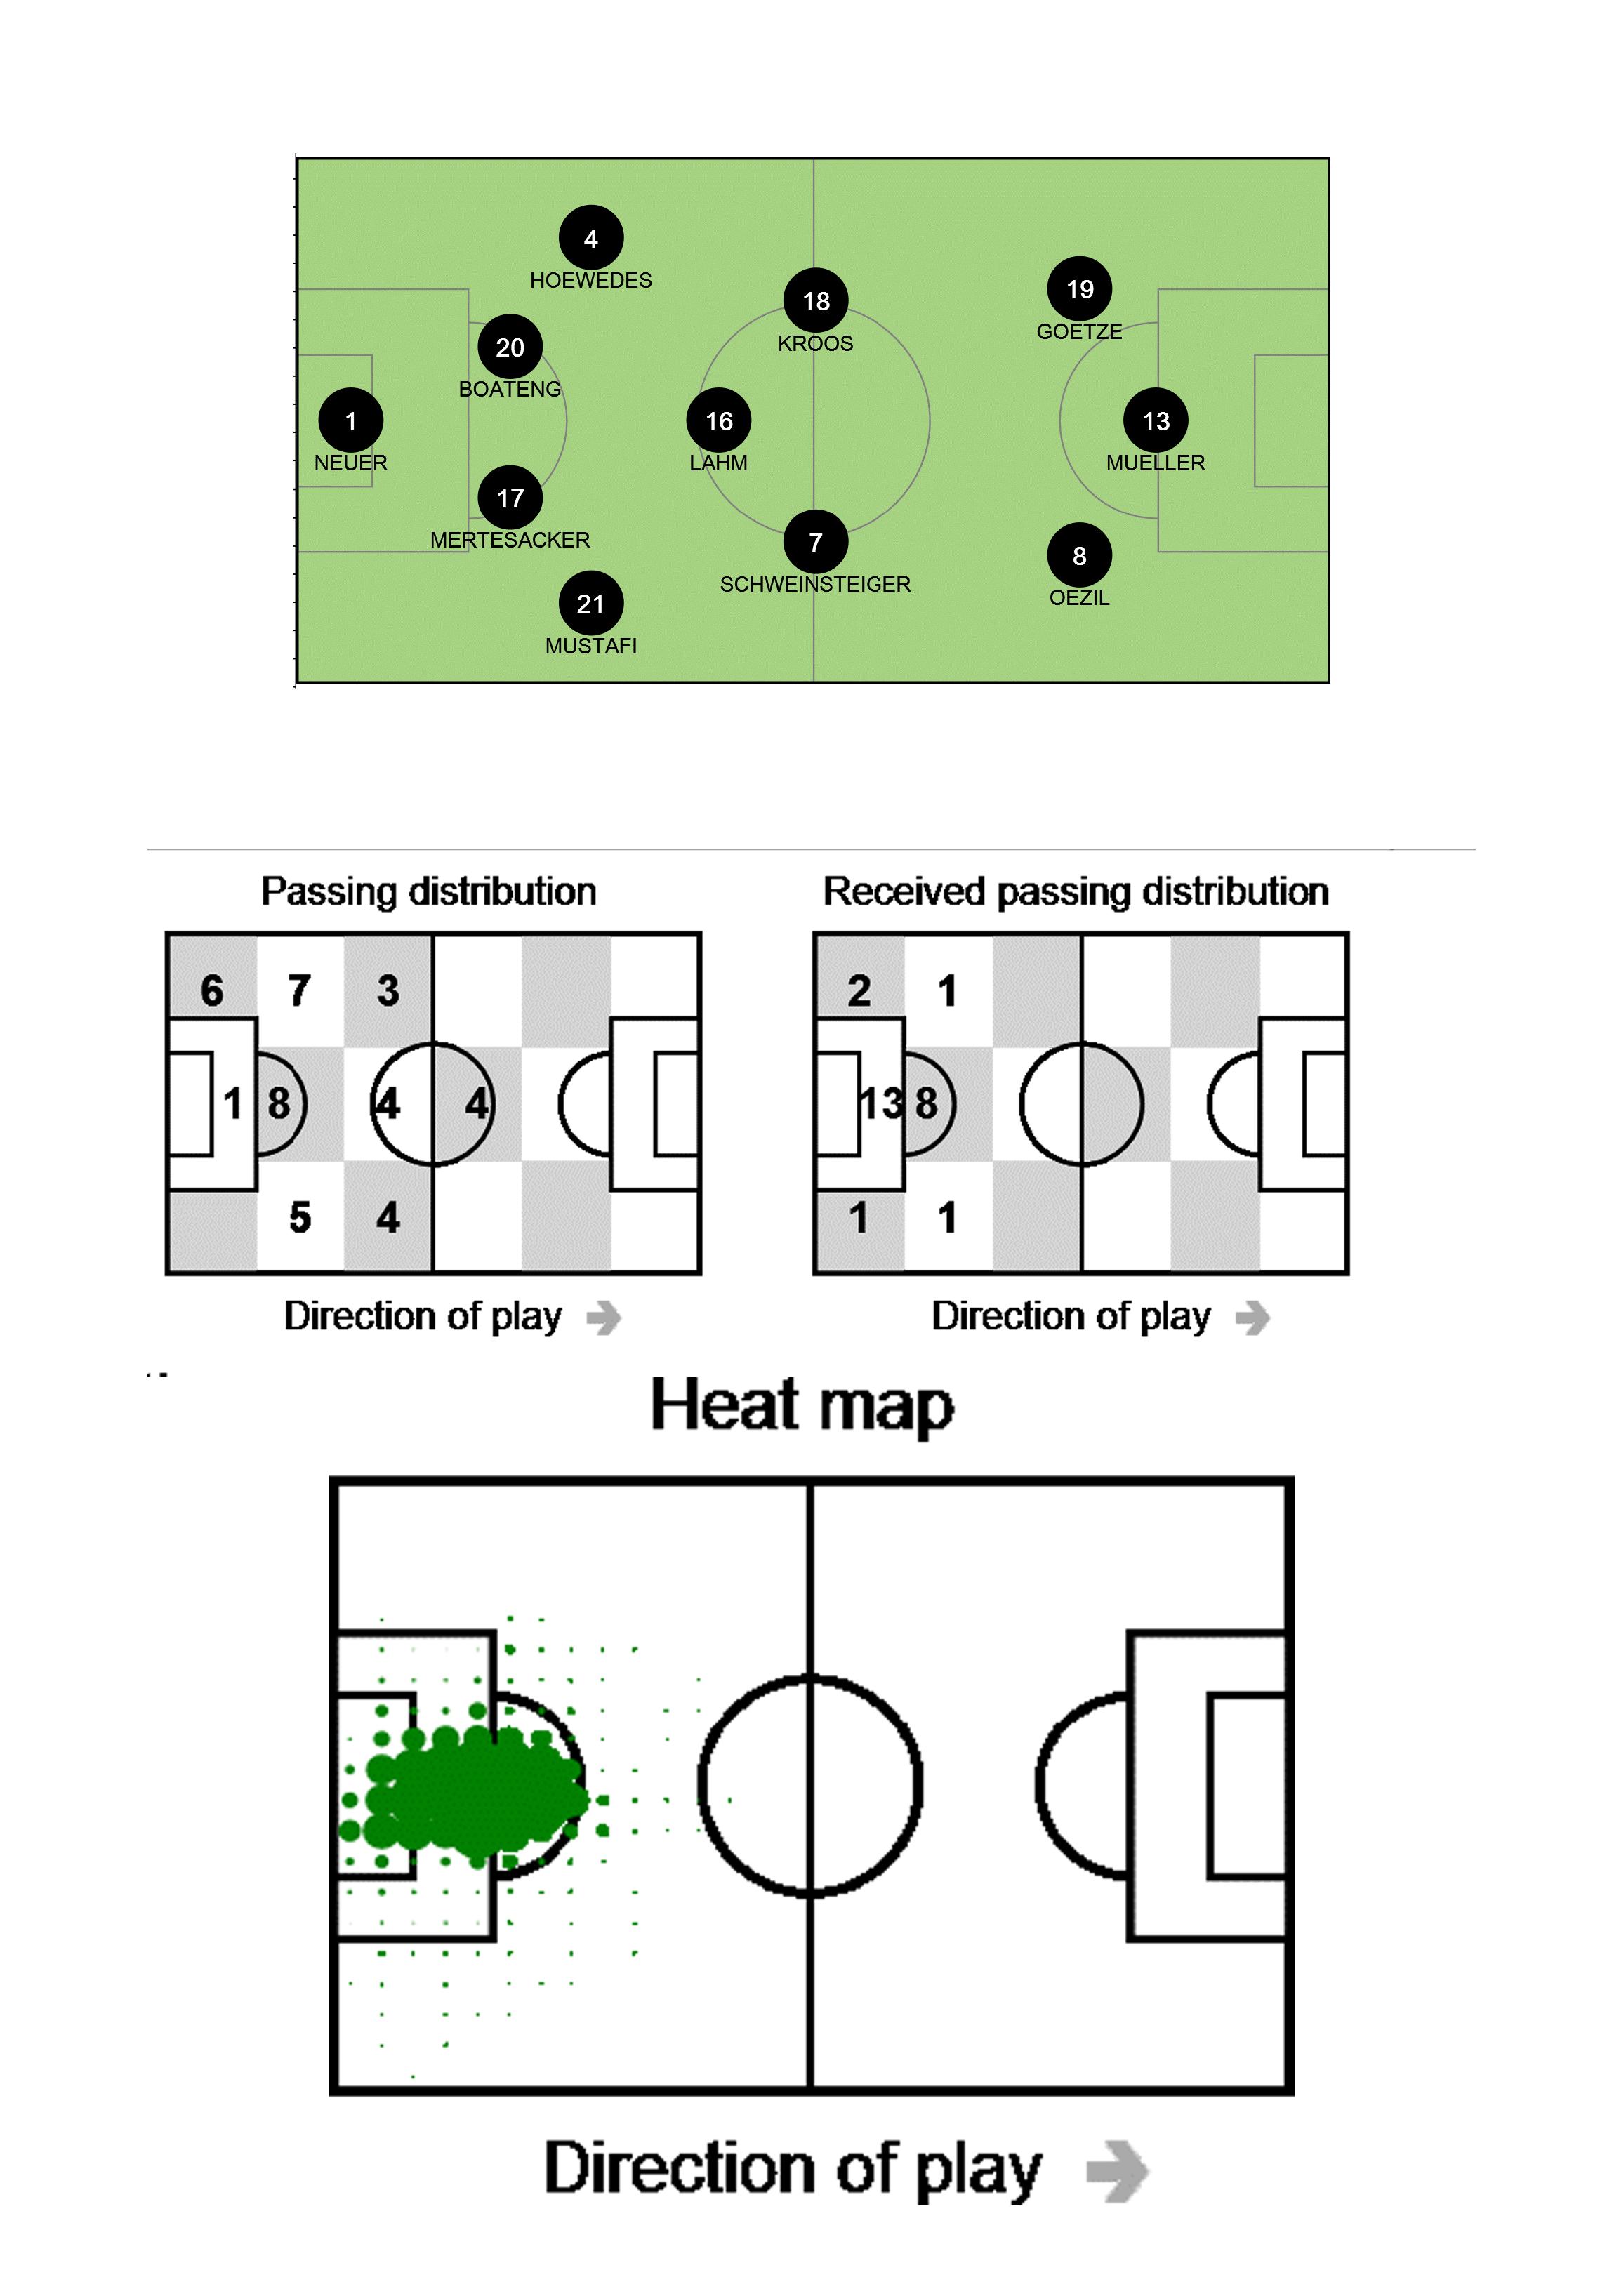 المنتخب الألماني, الجزائر, دور الـ16, الحارس نوير